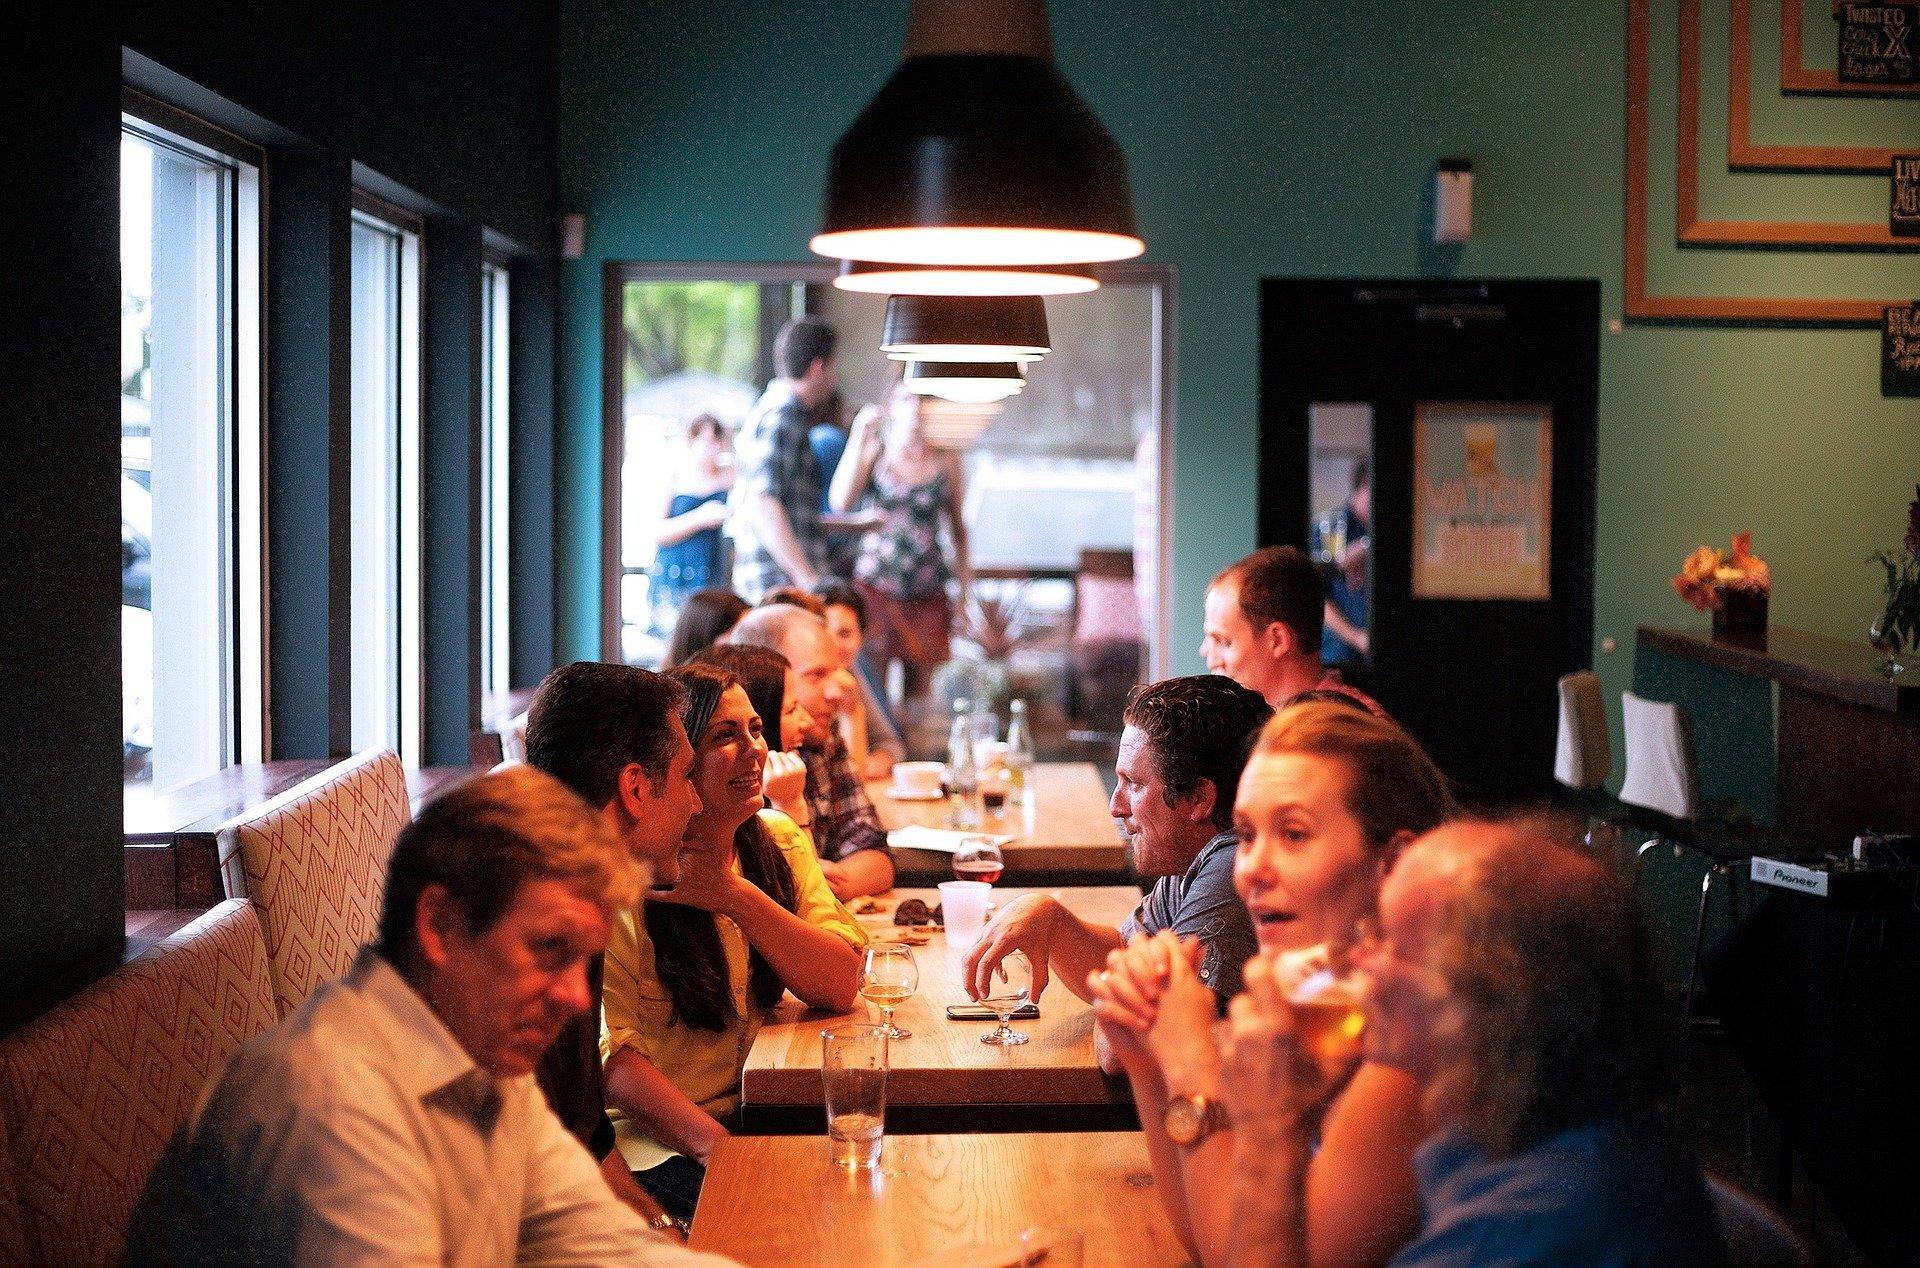 Blog Image: Dining Dilemma